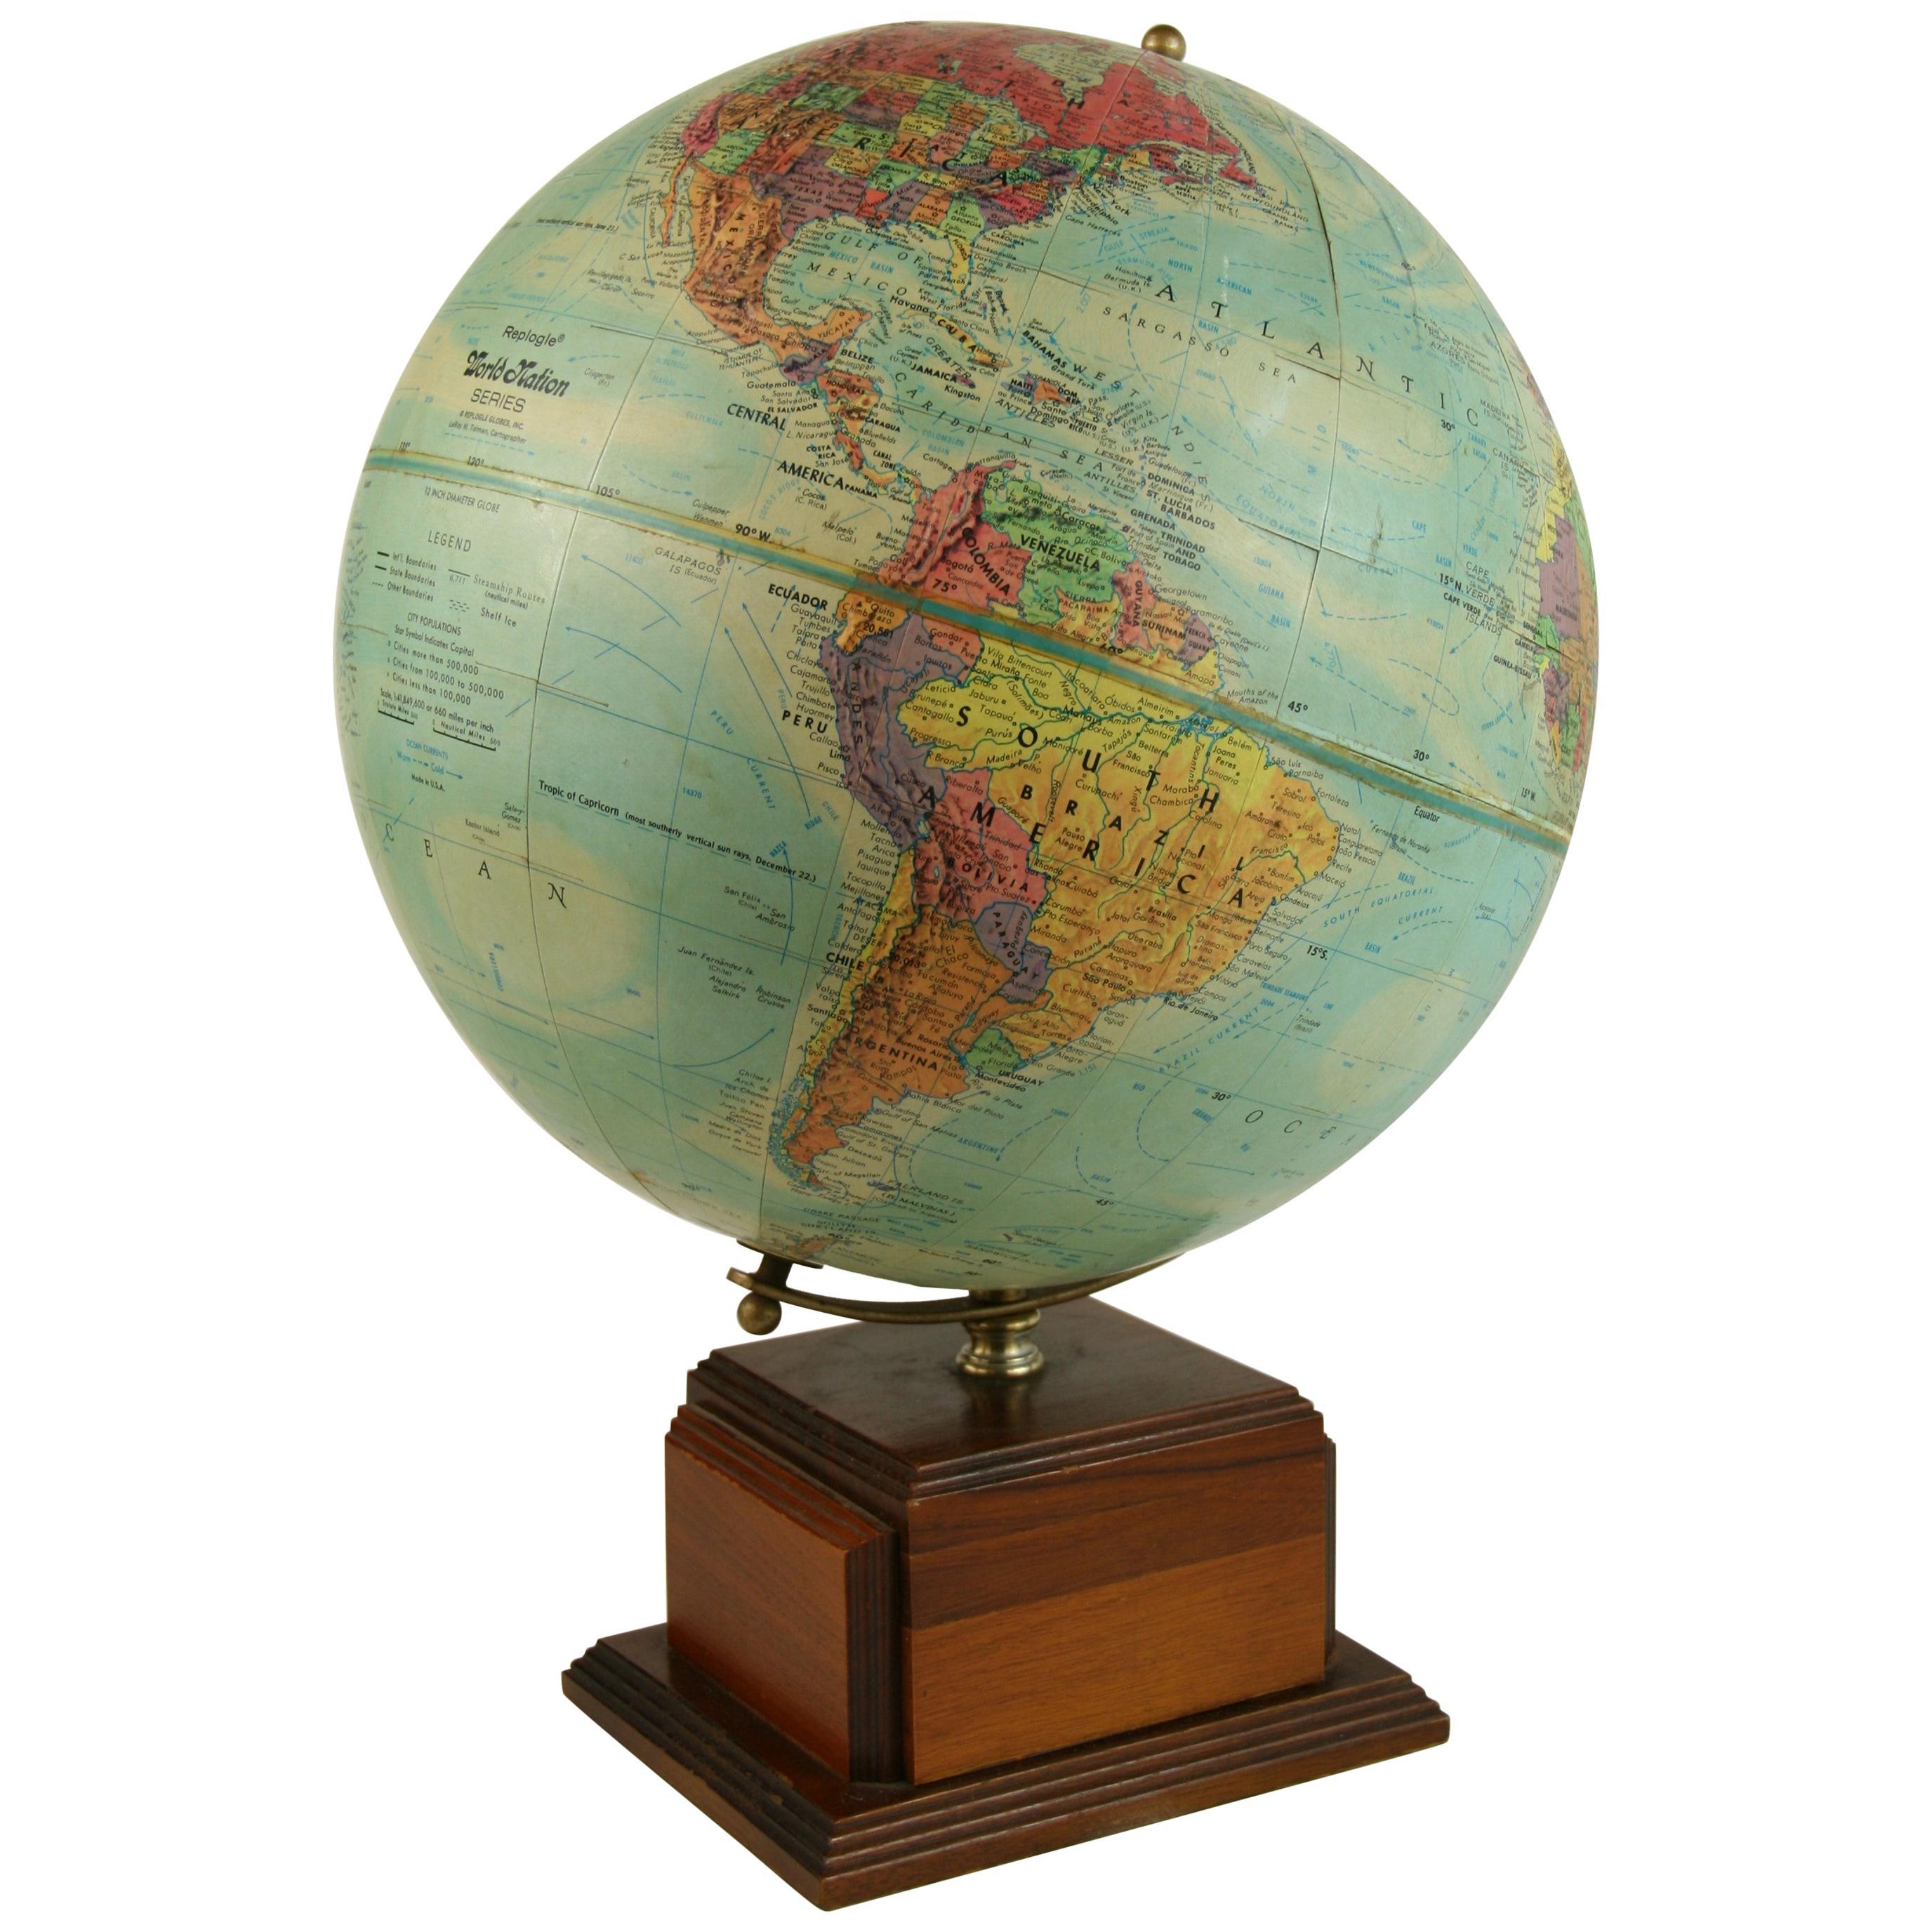 Vintage Reploge Terrestrial World Globe